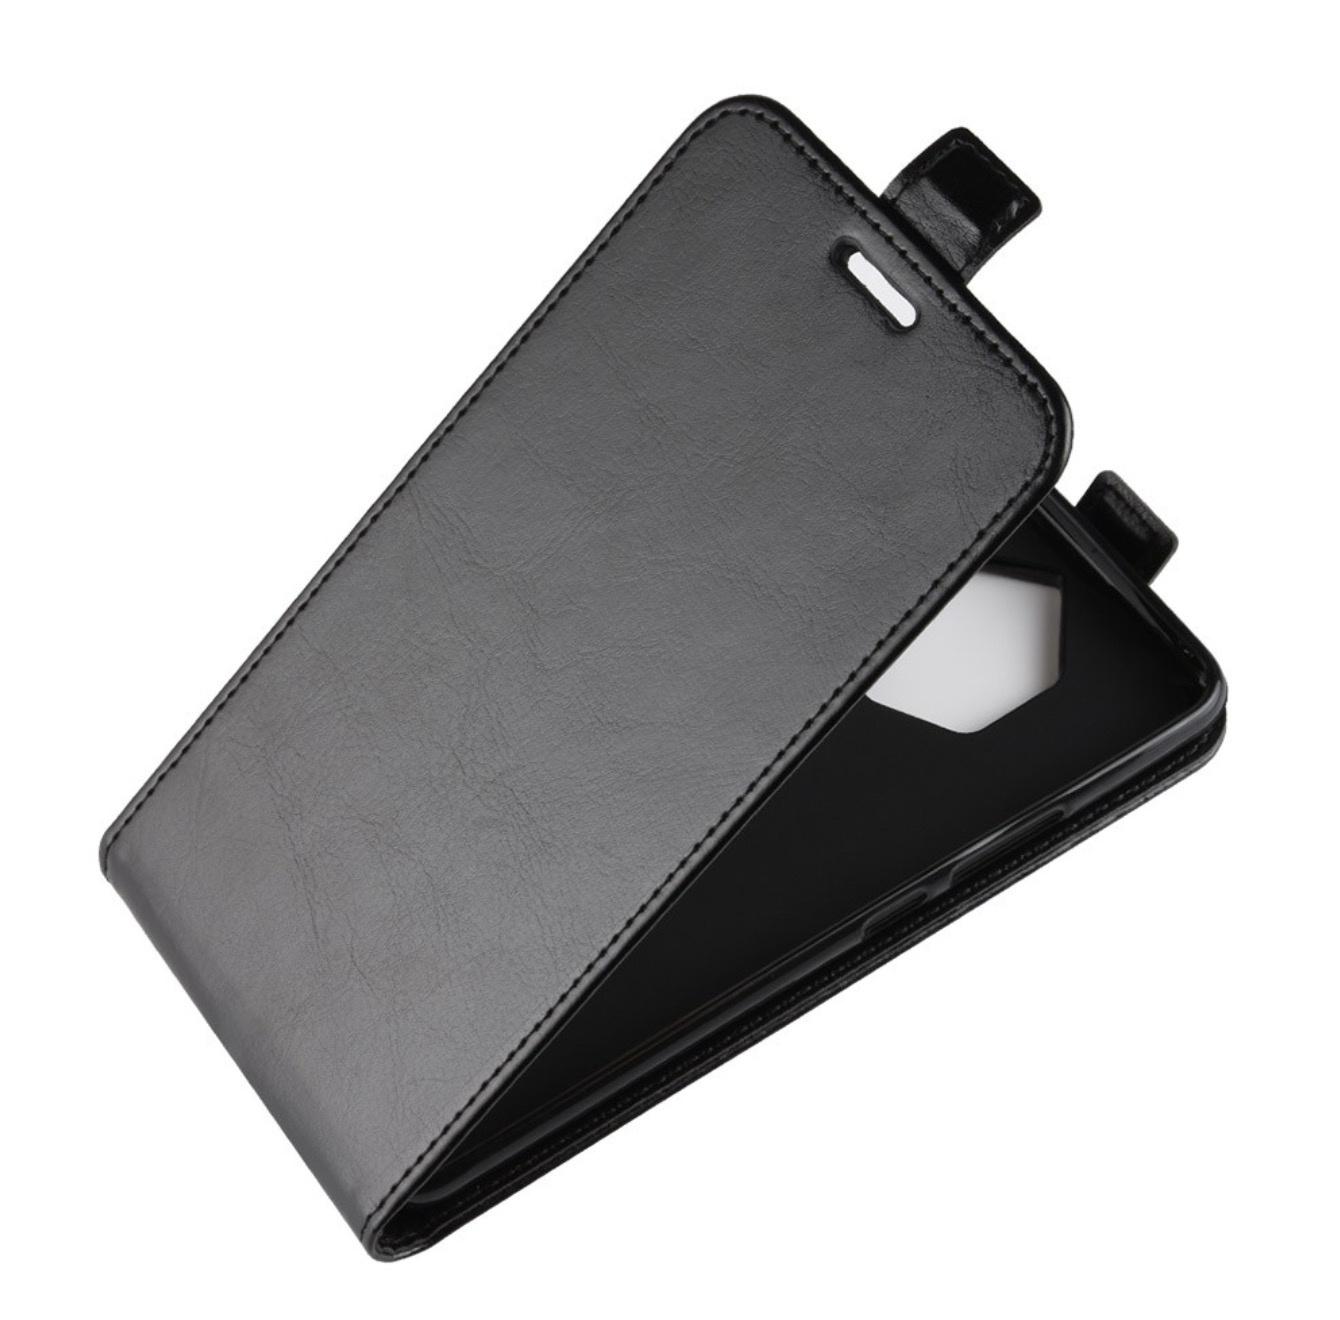 Чехол-флип MyPads для Highscreen Zera S вертикальный откидной черный